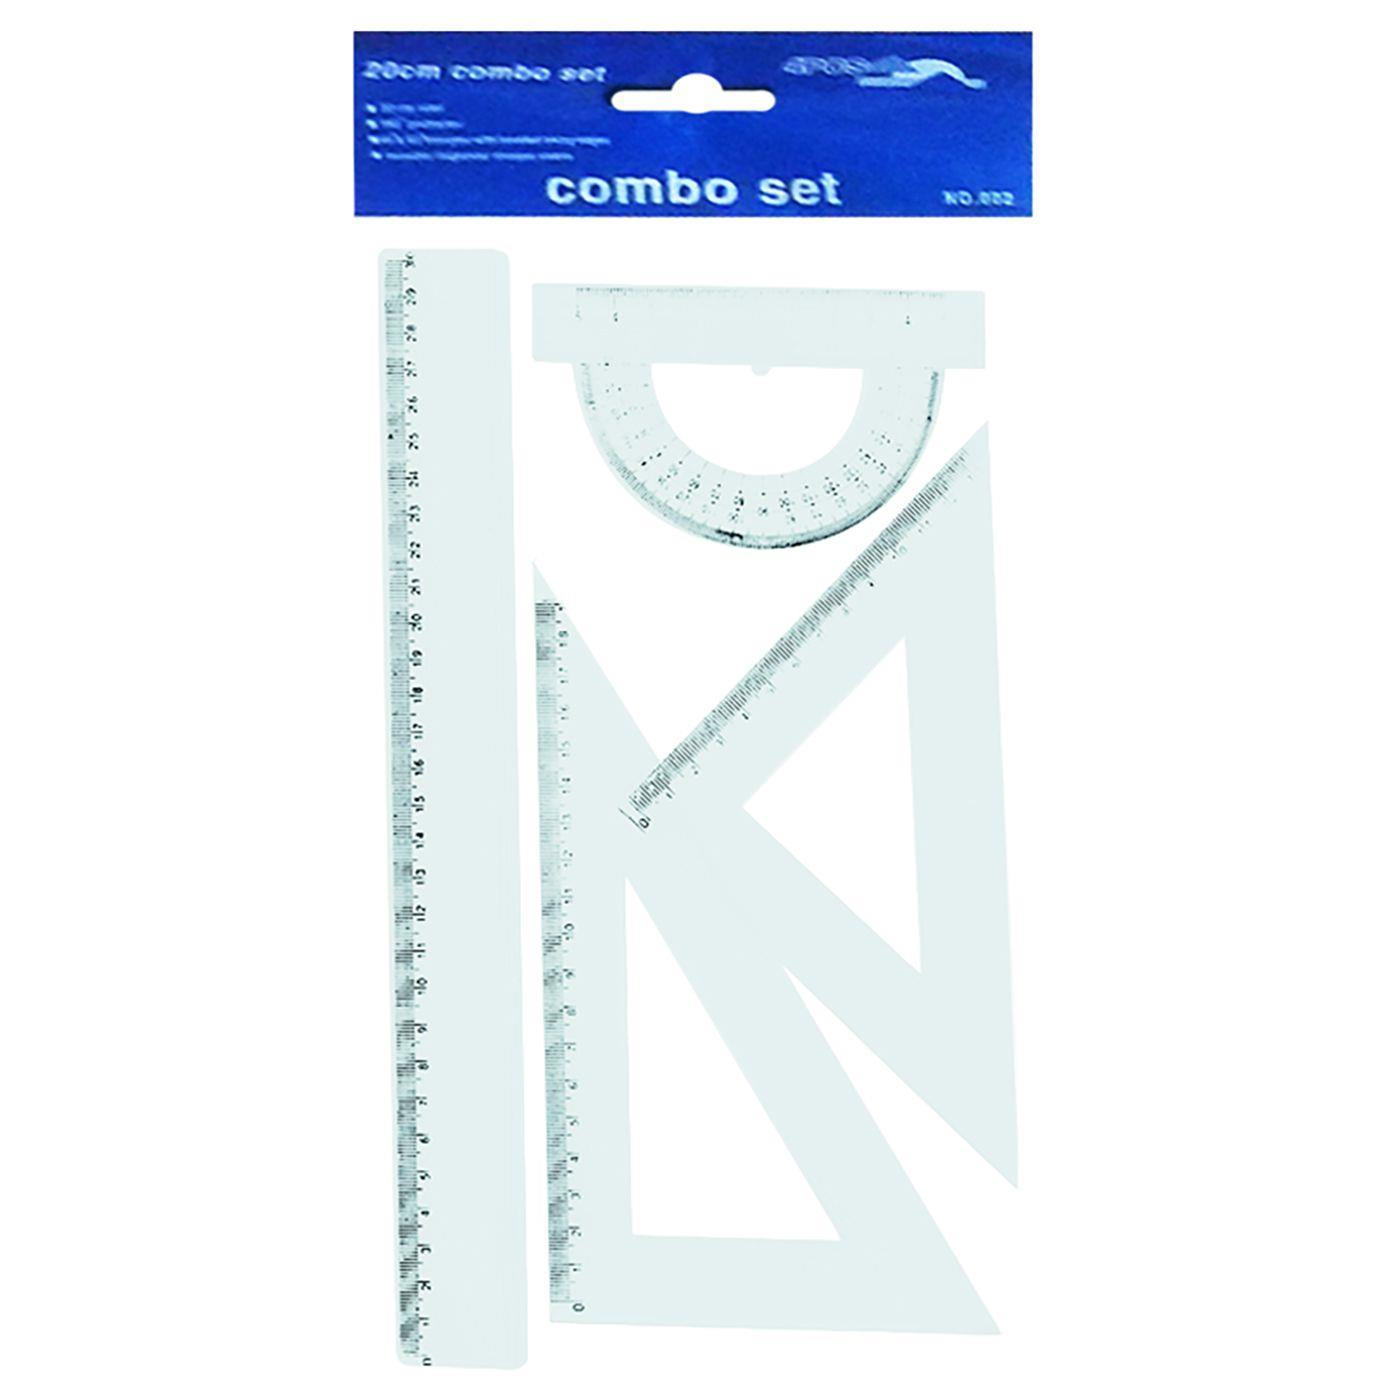 ΓΕΩΜΕΤΡΙΚΑ ΣΧΗΜΑΤΑ ΣΕΤ=4ΤΕΜ 30cm